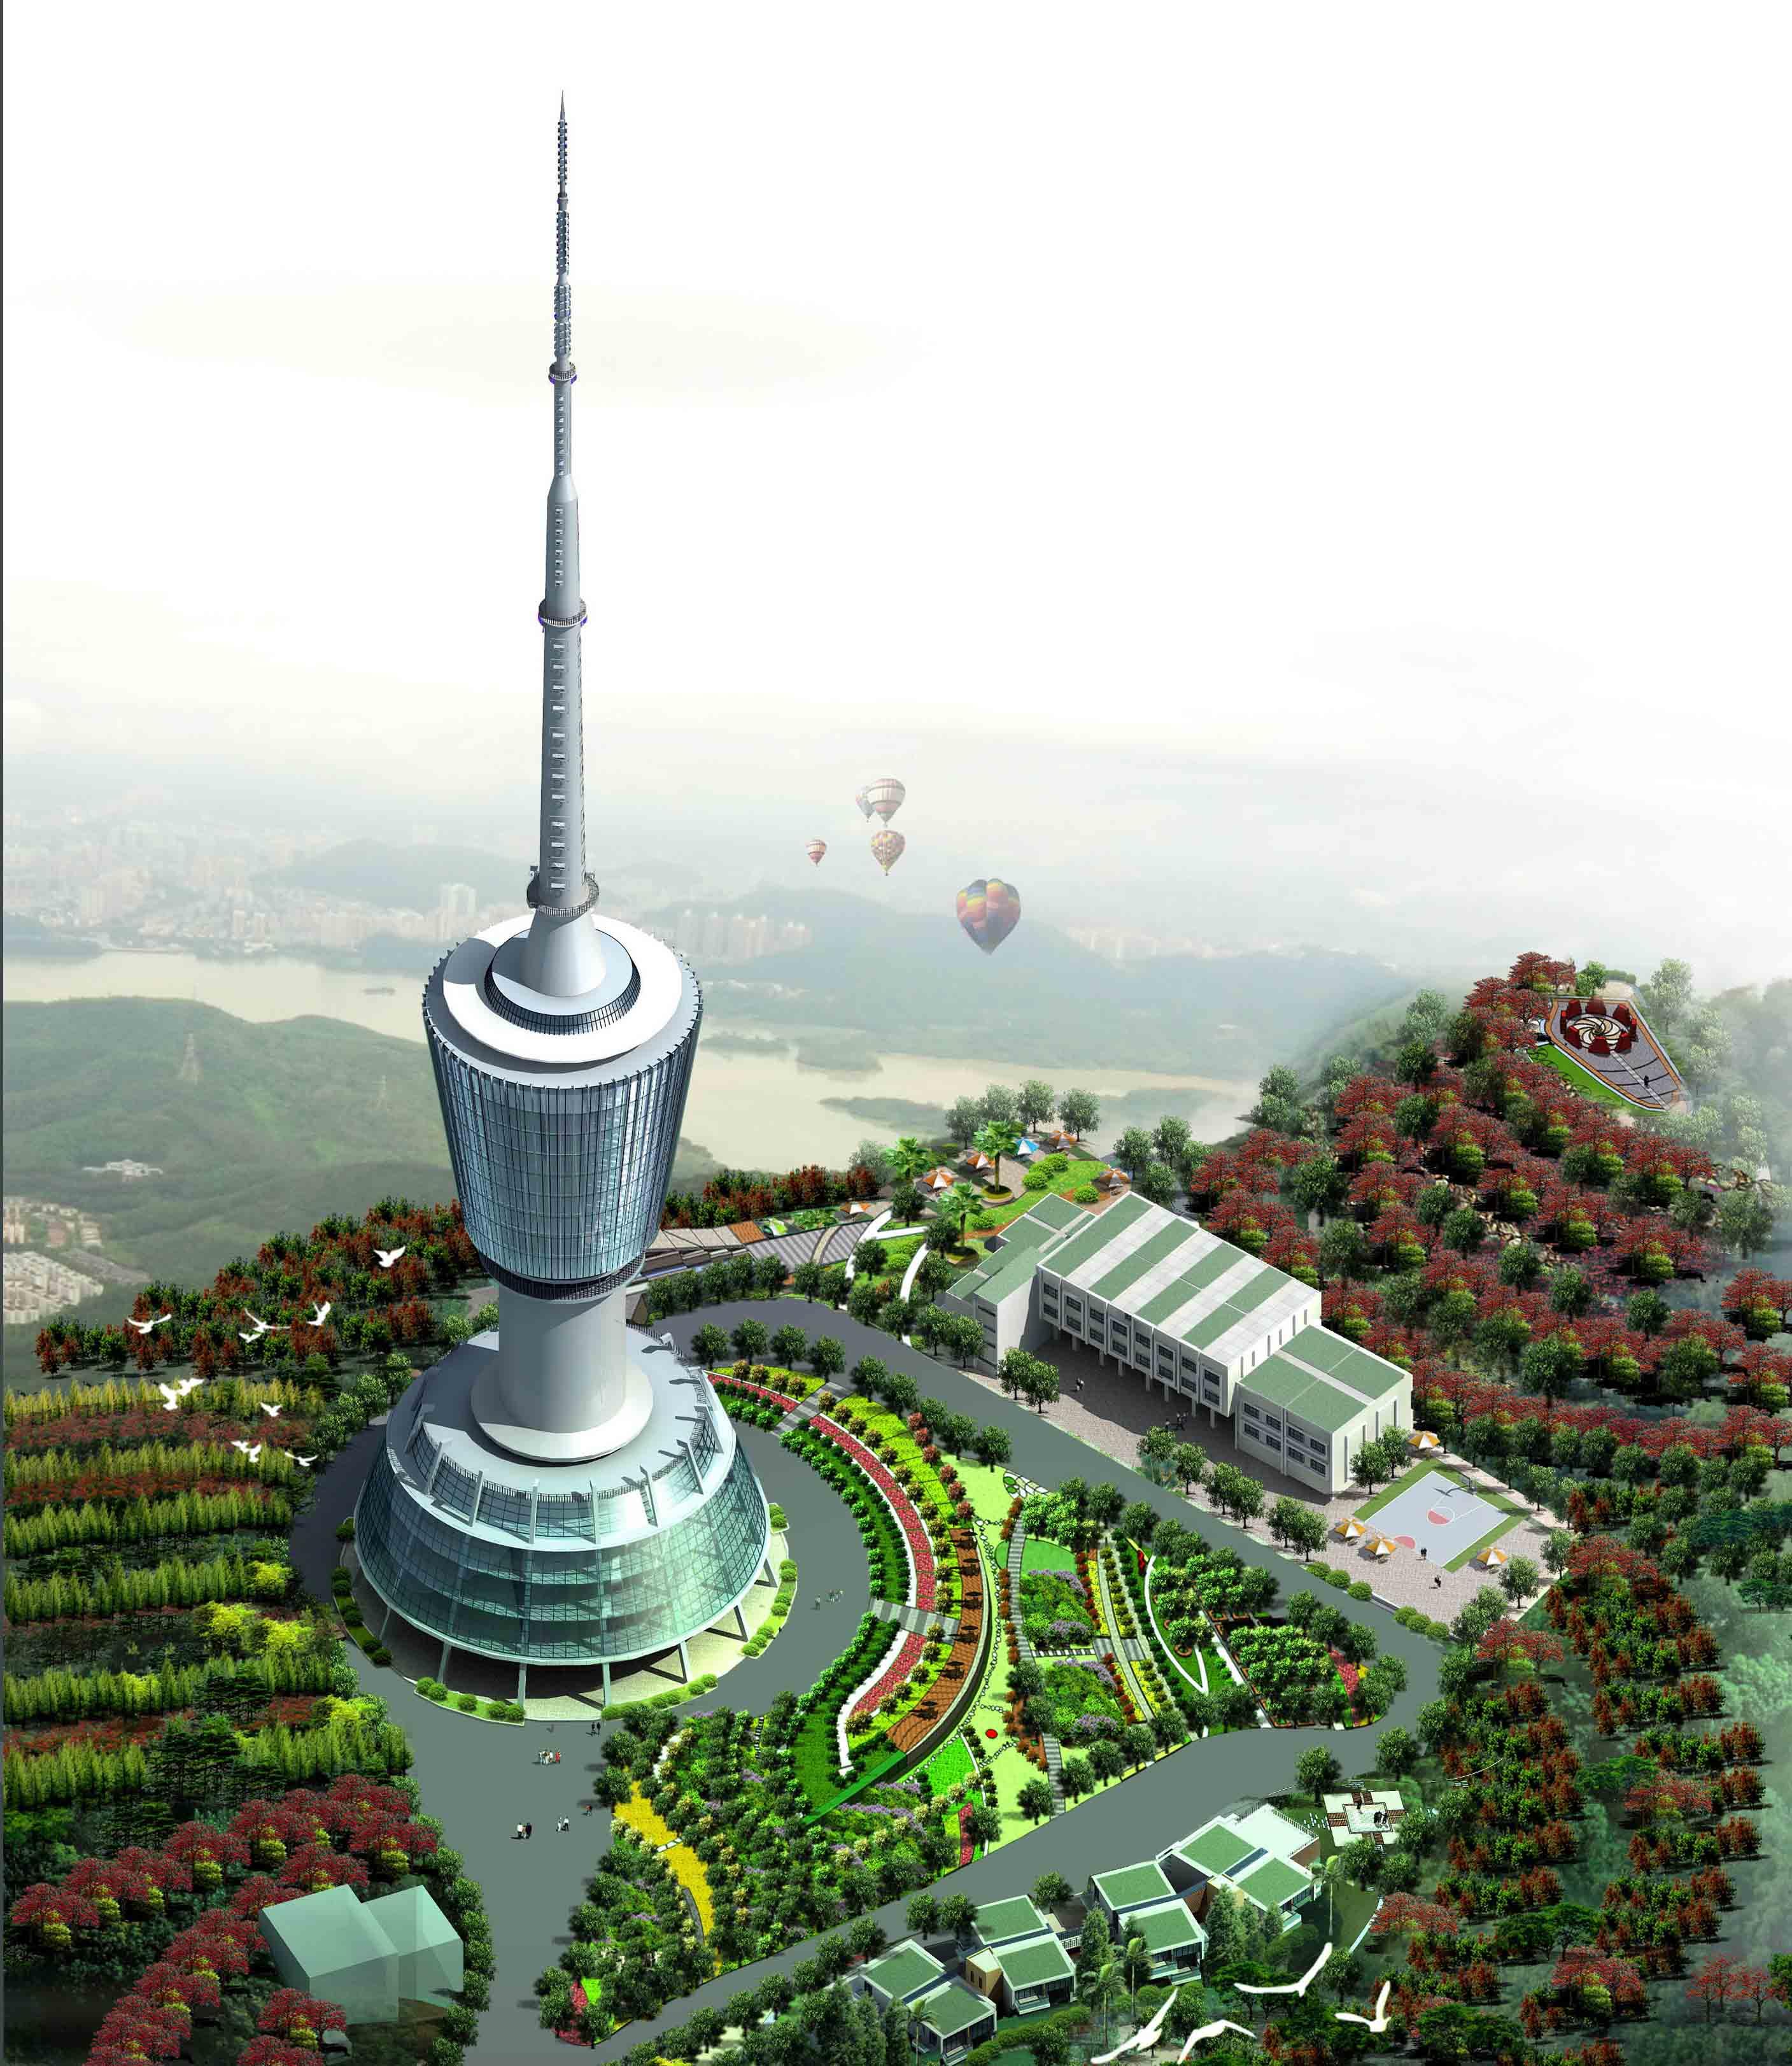 深圳梧桐山电视塔风景区景观设计